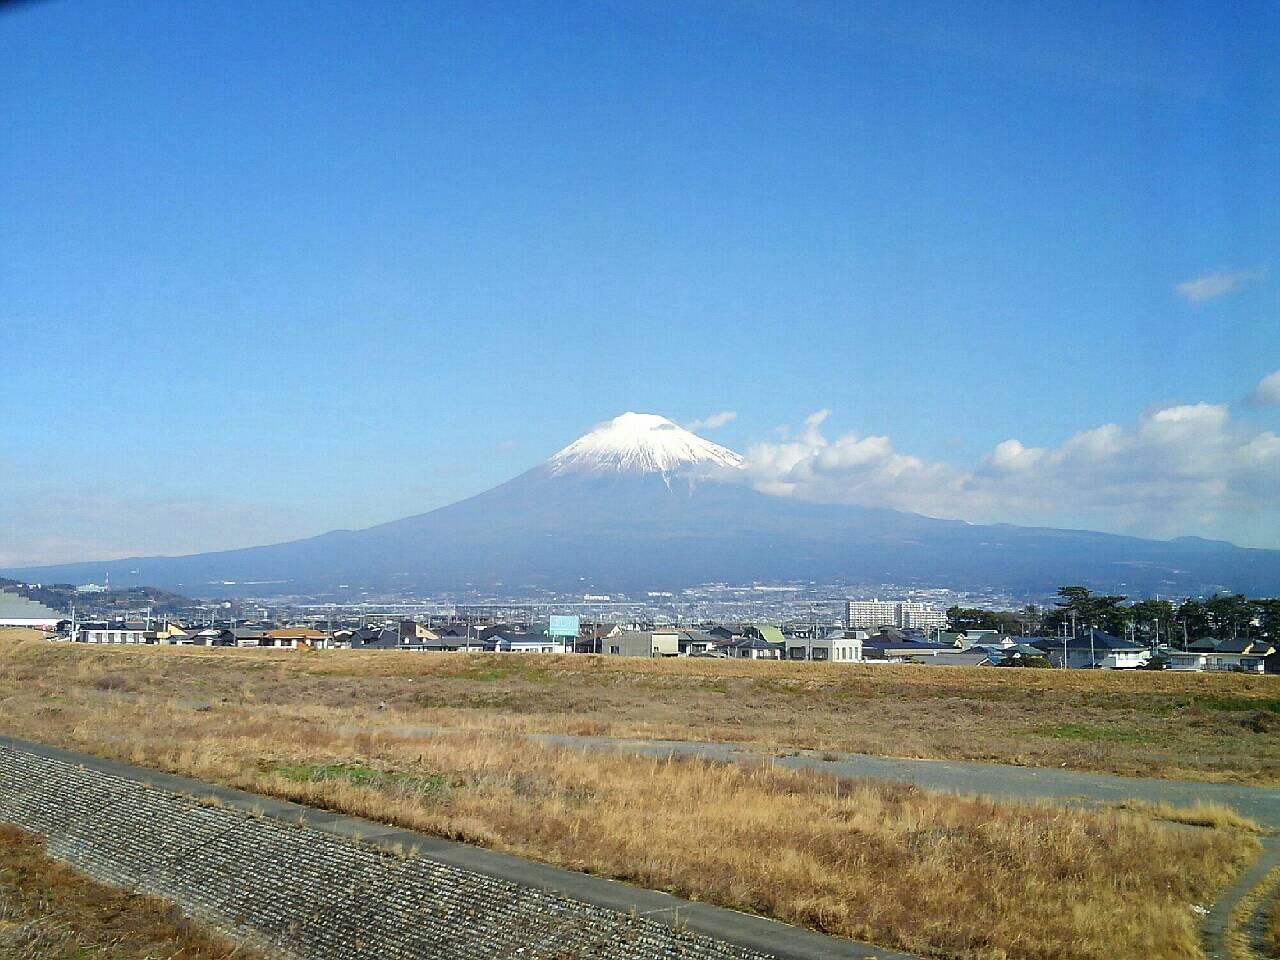 長野&松本の旅路計画_f0351305_21463516.jpg